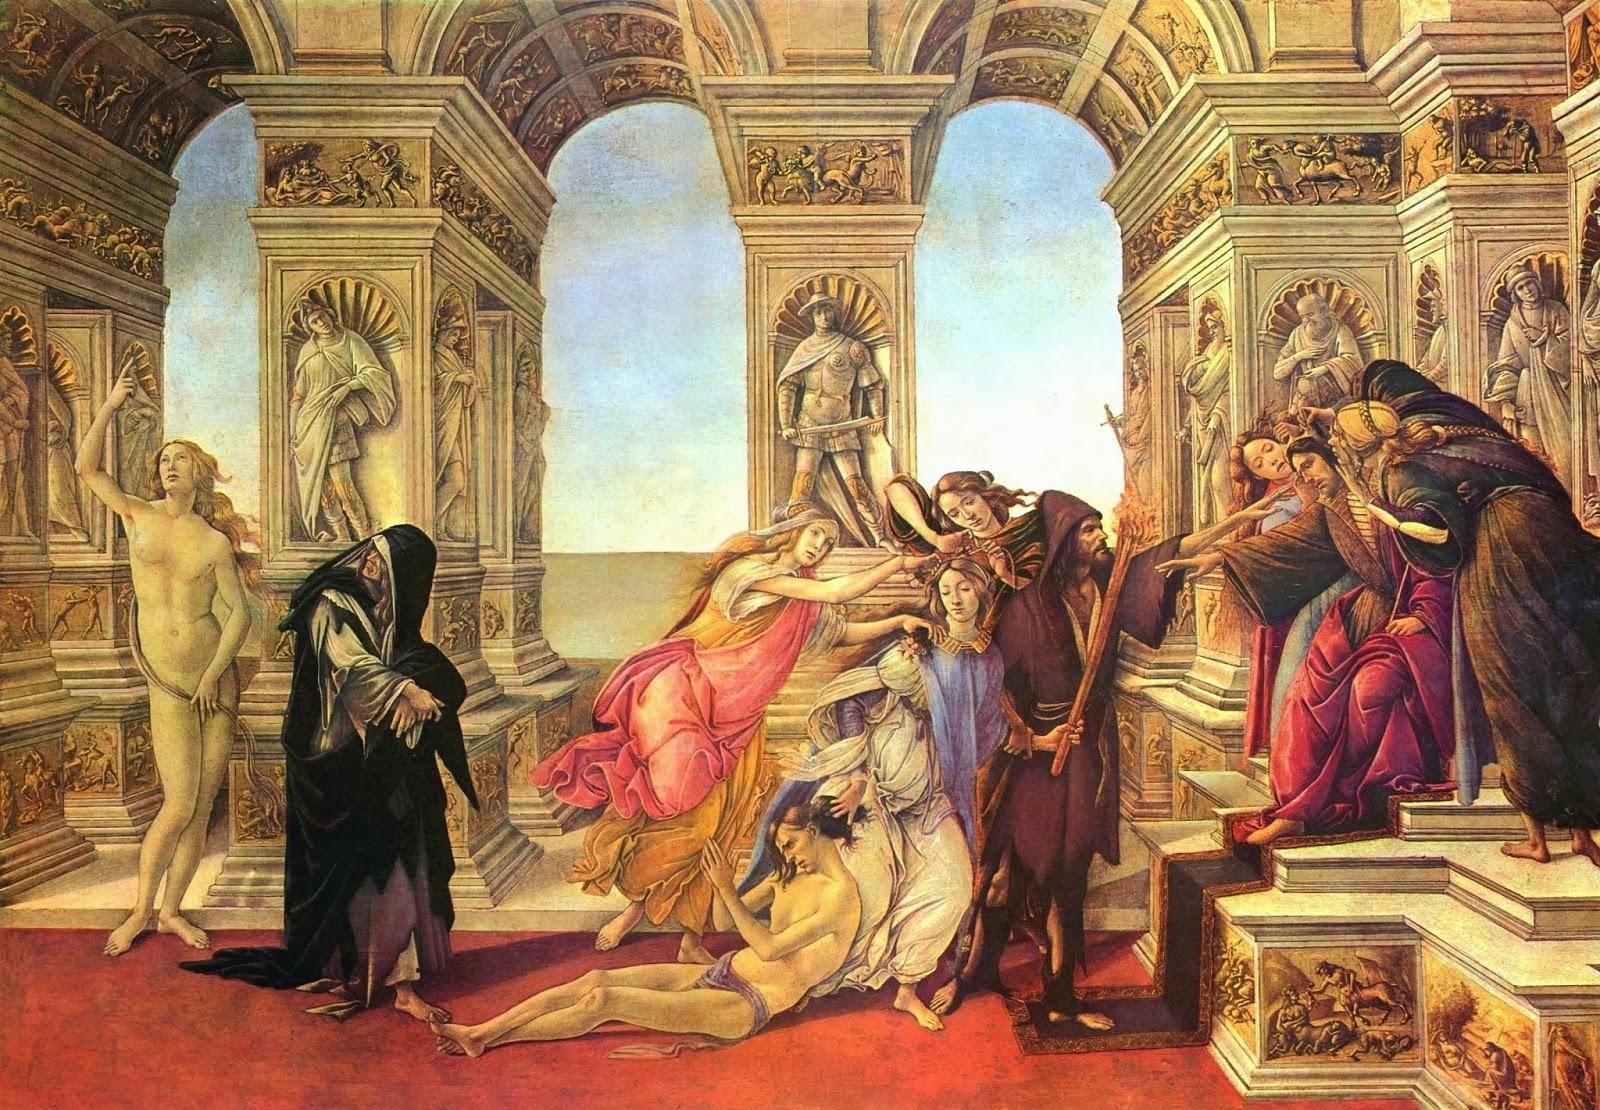 La Calumnia. Sandro Botticelli. 1495, Florencia, Galería Uffizi.